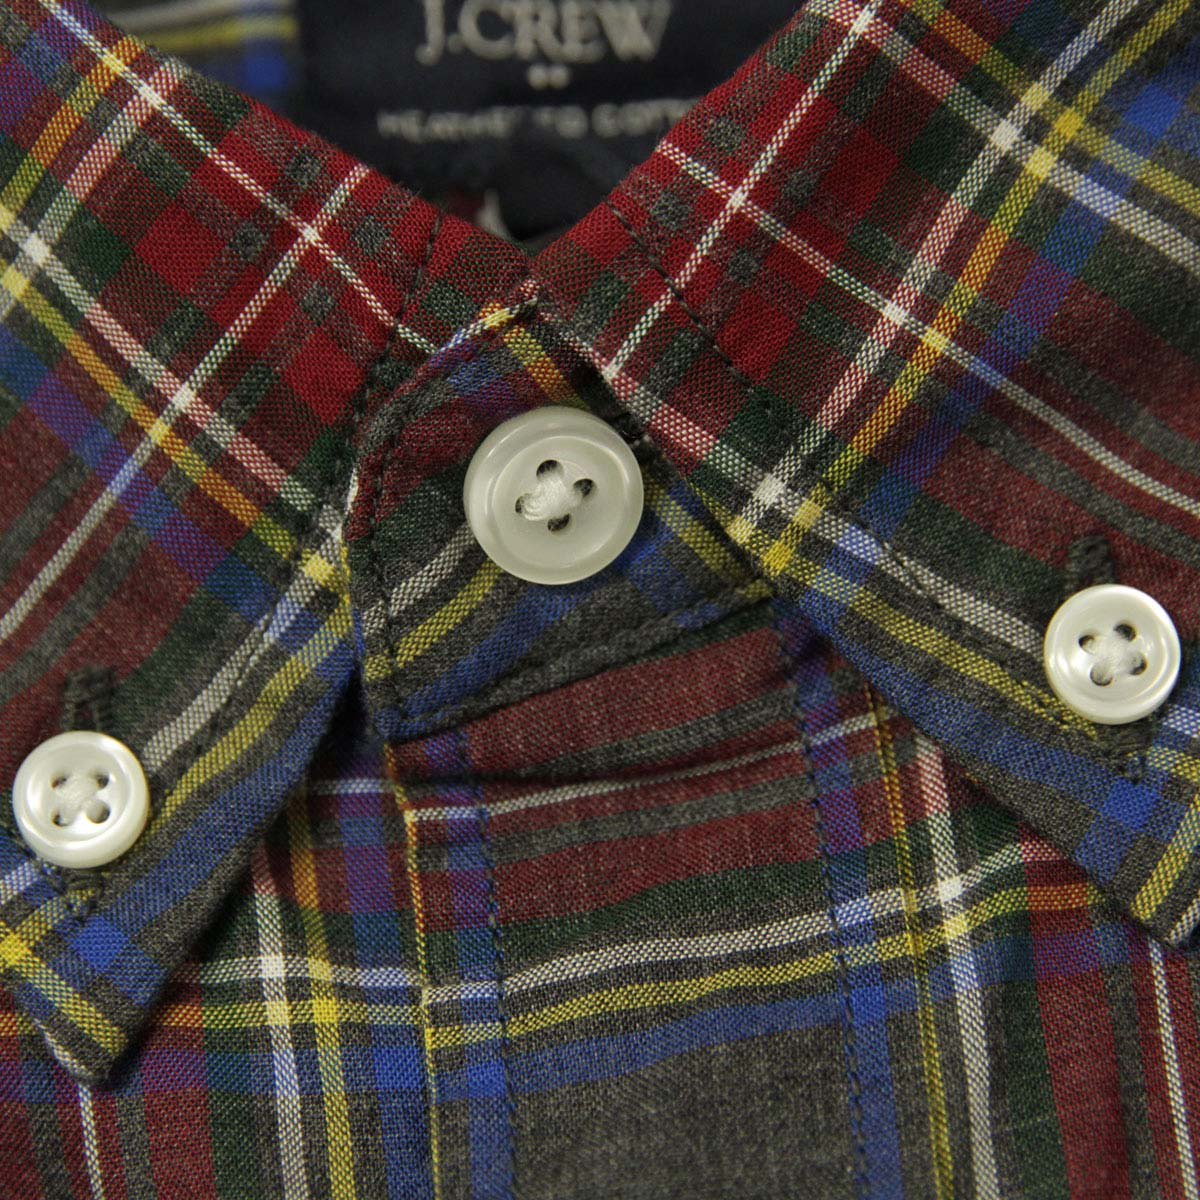 ジェイクルー J.CREW 正規品 メンズ 長袖シャツ  HEATHERED COTTON PLAID SHIRT 47166